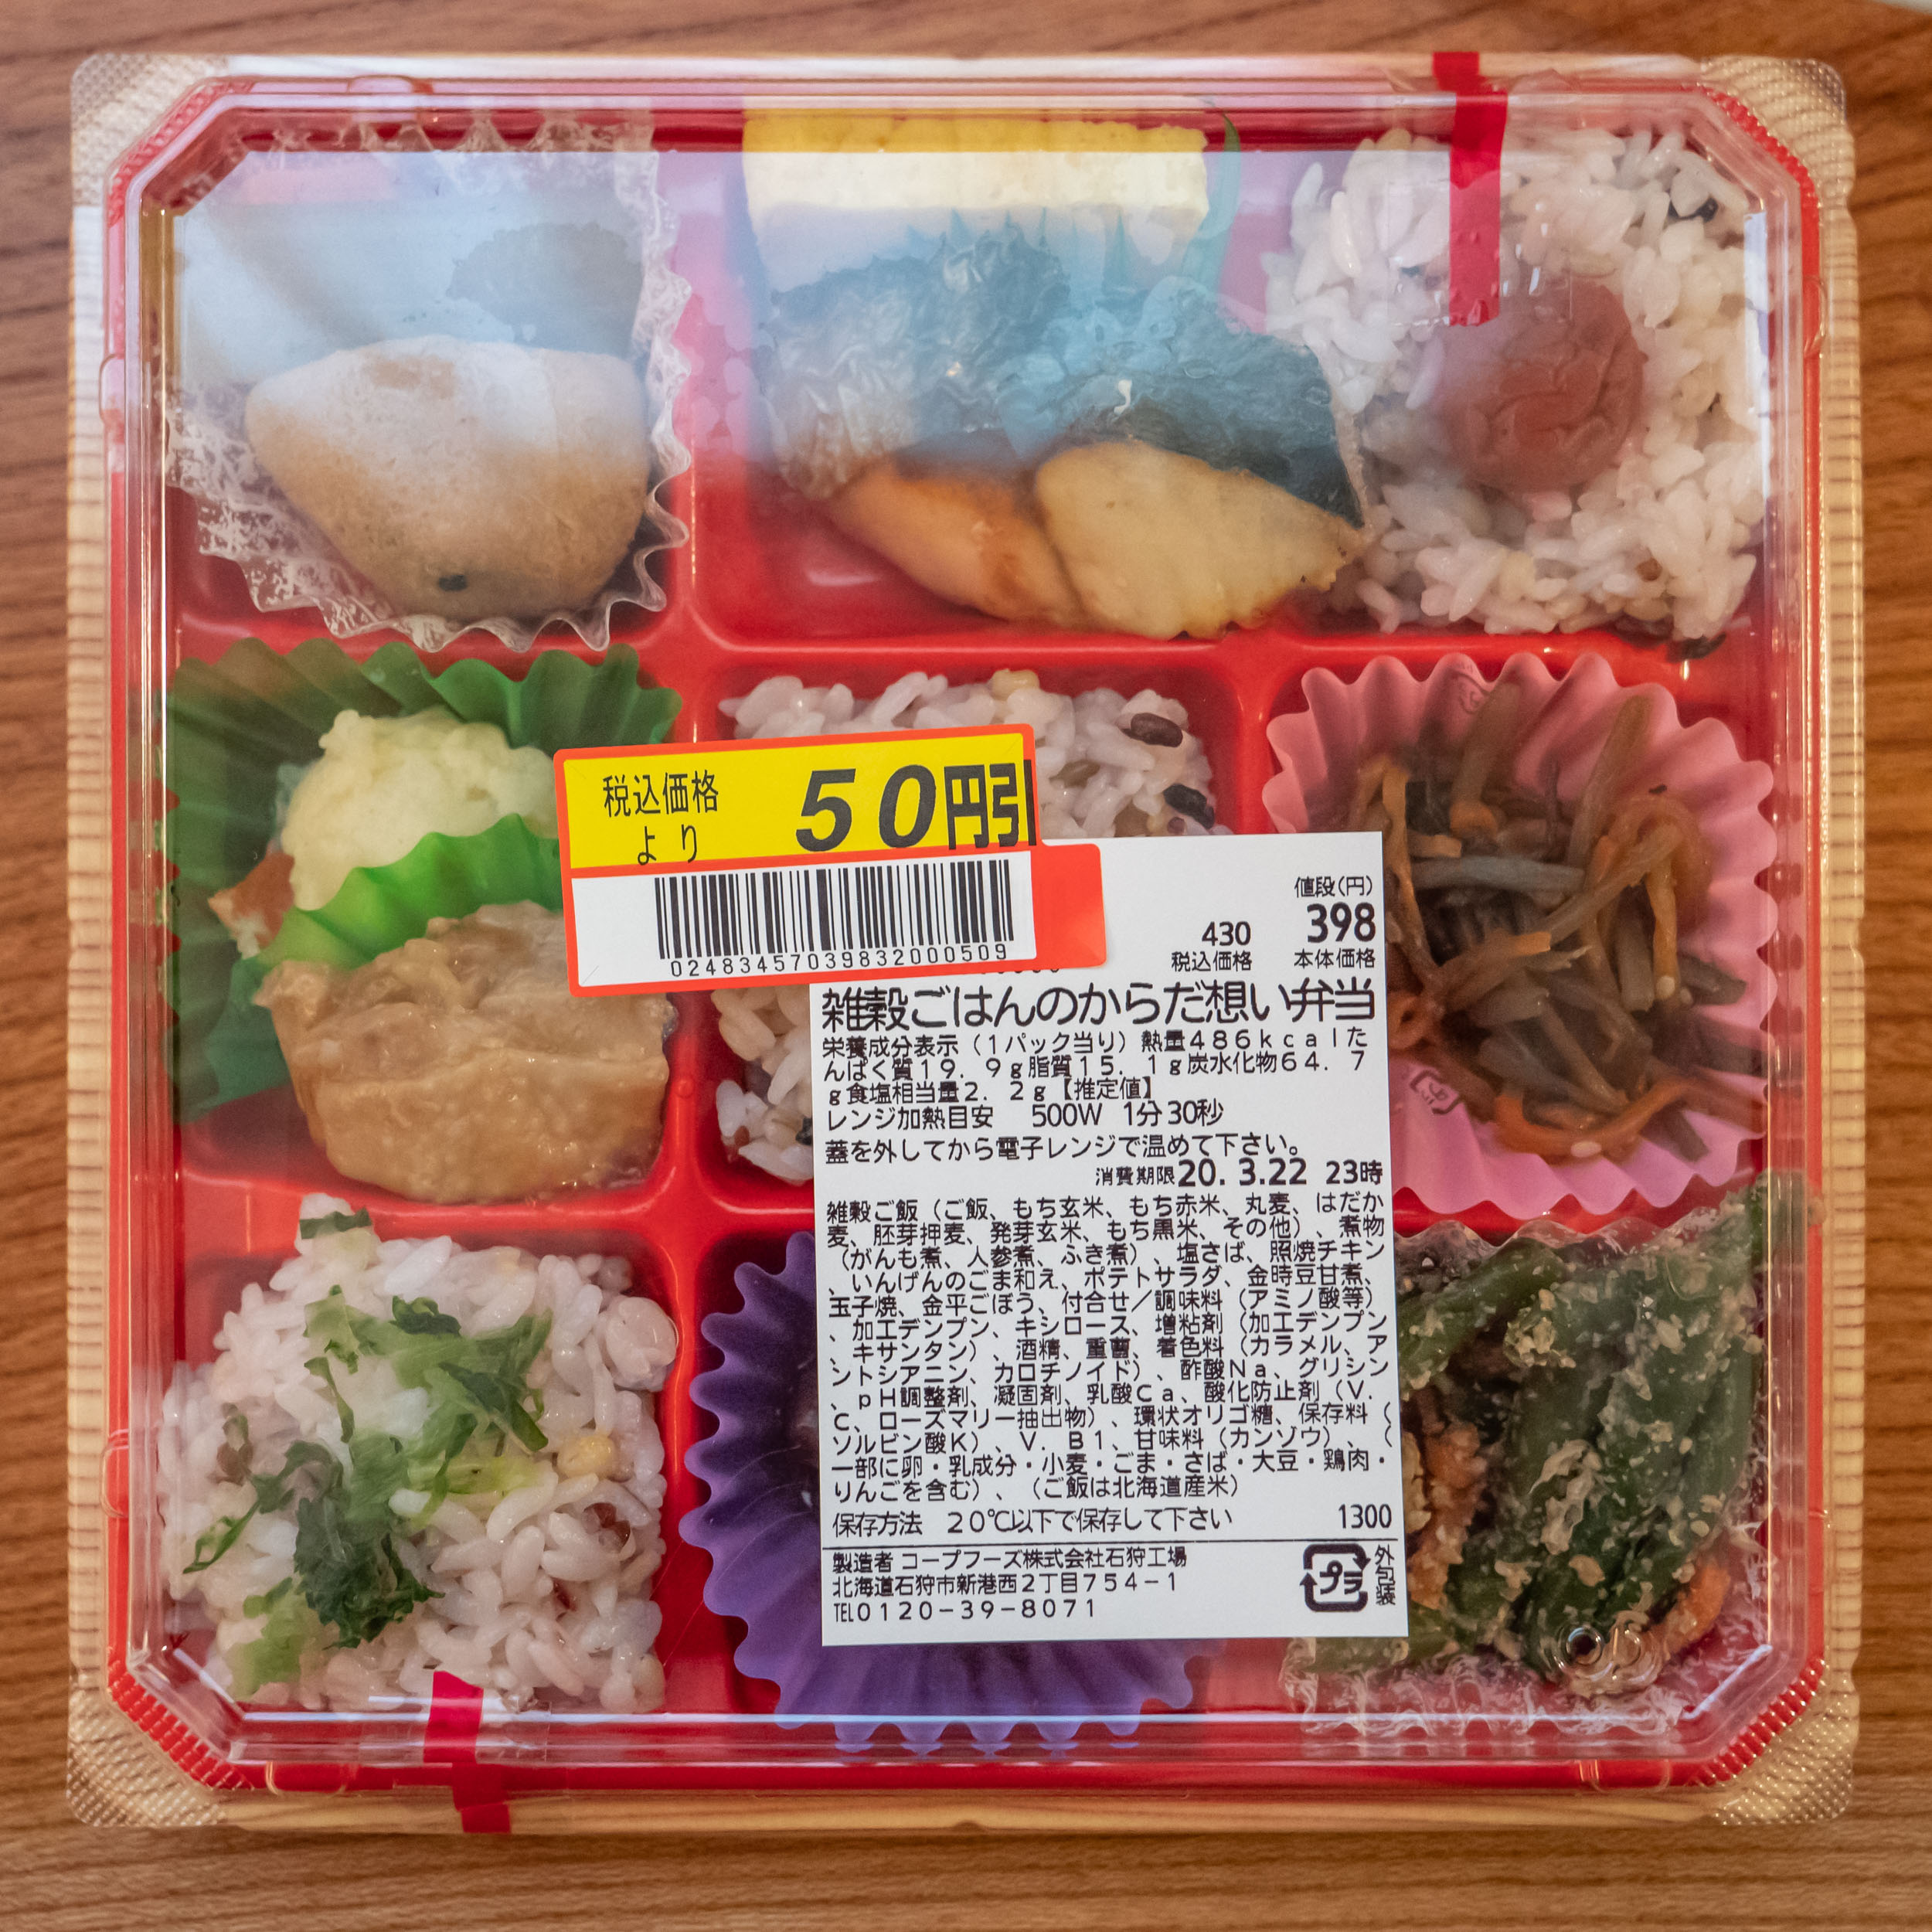 生協で買った「雑穀ご飯のからだ想い弁当」398円税別 50円引きで税込430円 DMC-GX8 + LEICA DG 12-60mm